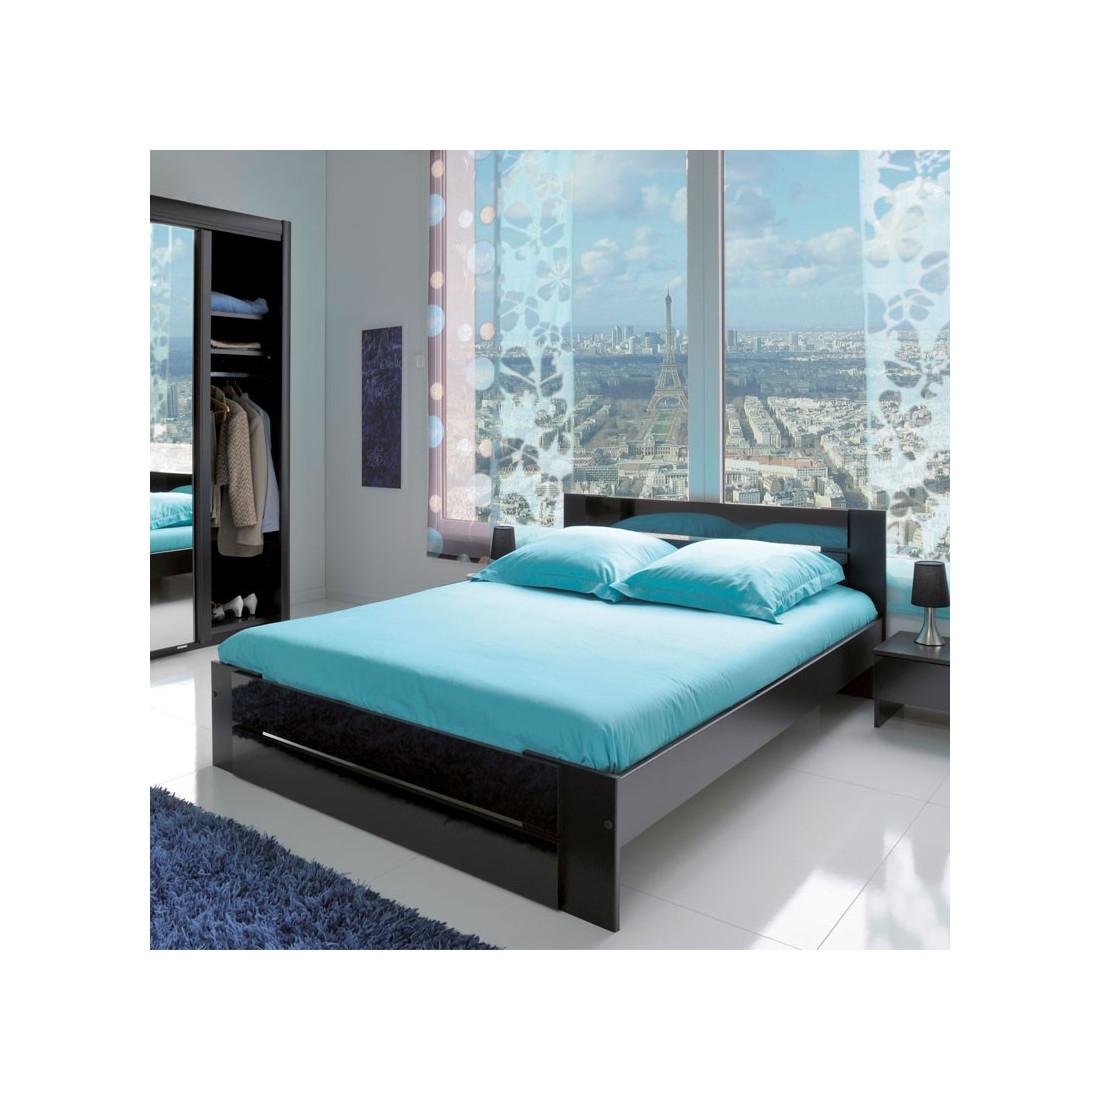 cadre de lit t te de lit 160 200 noir carlack univers. Black Bedroom Furniture Sets. Home Design Ideas